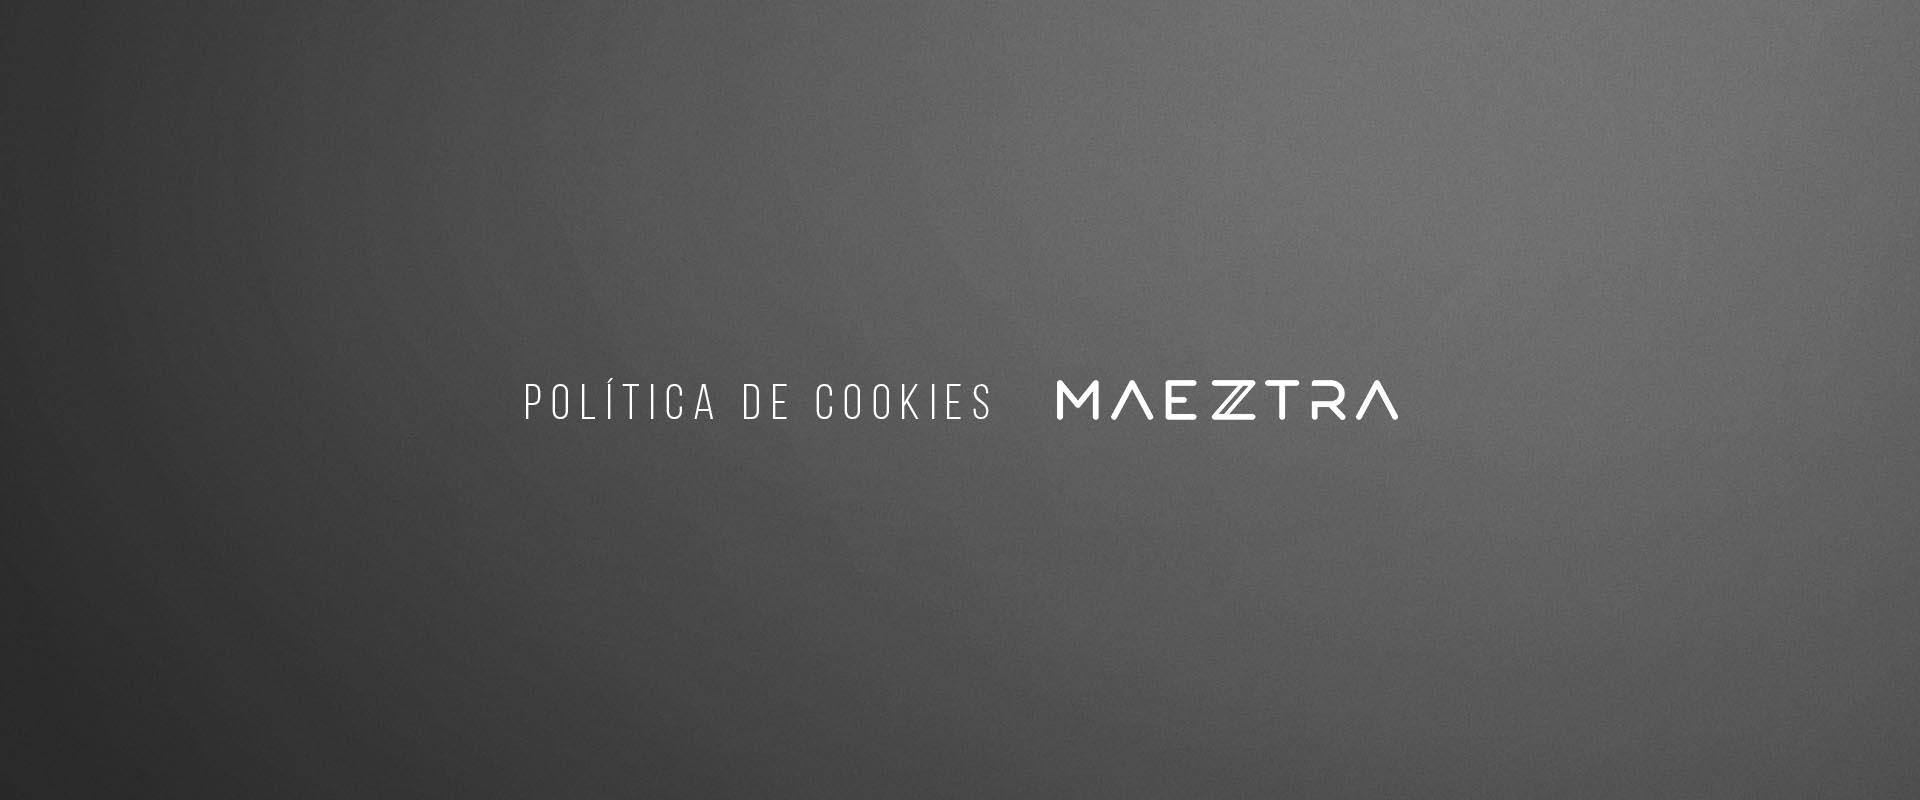 politica-de-cookies